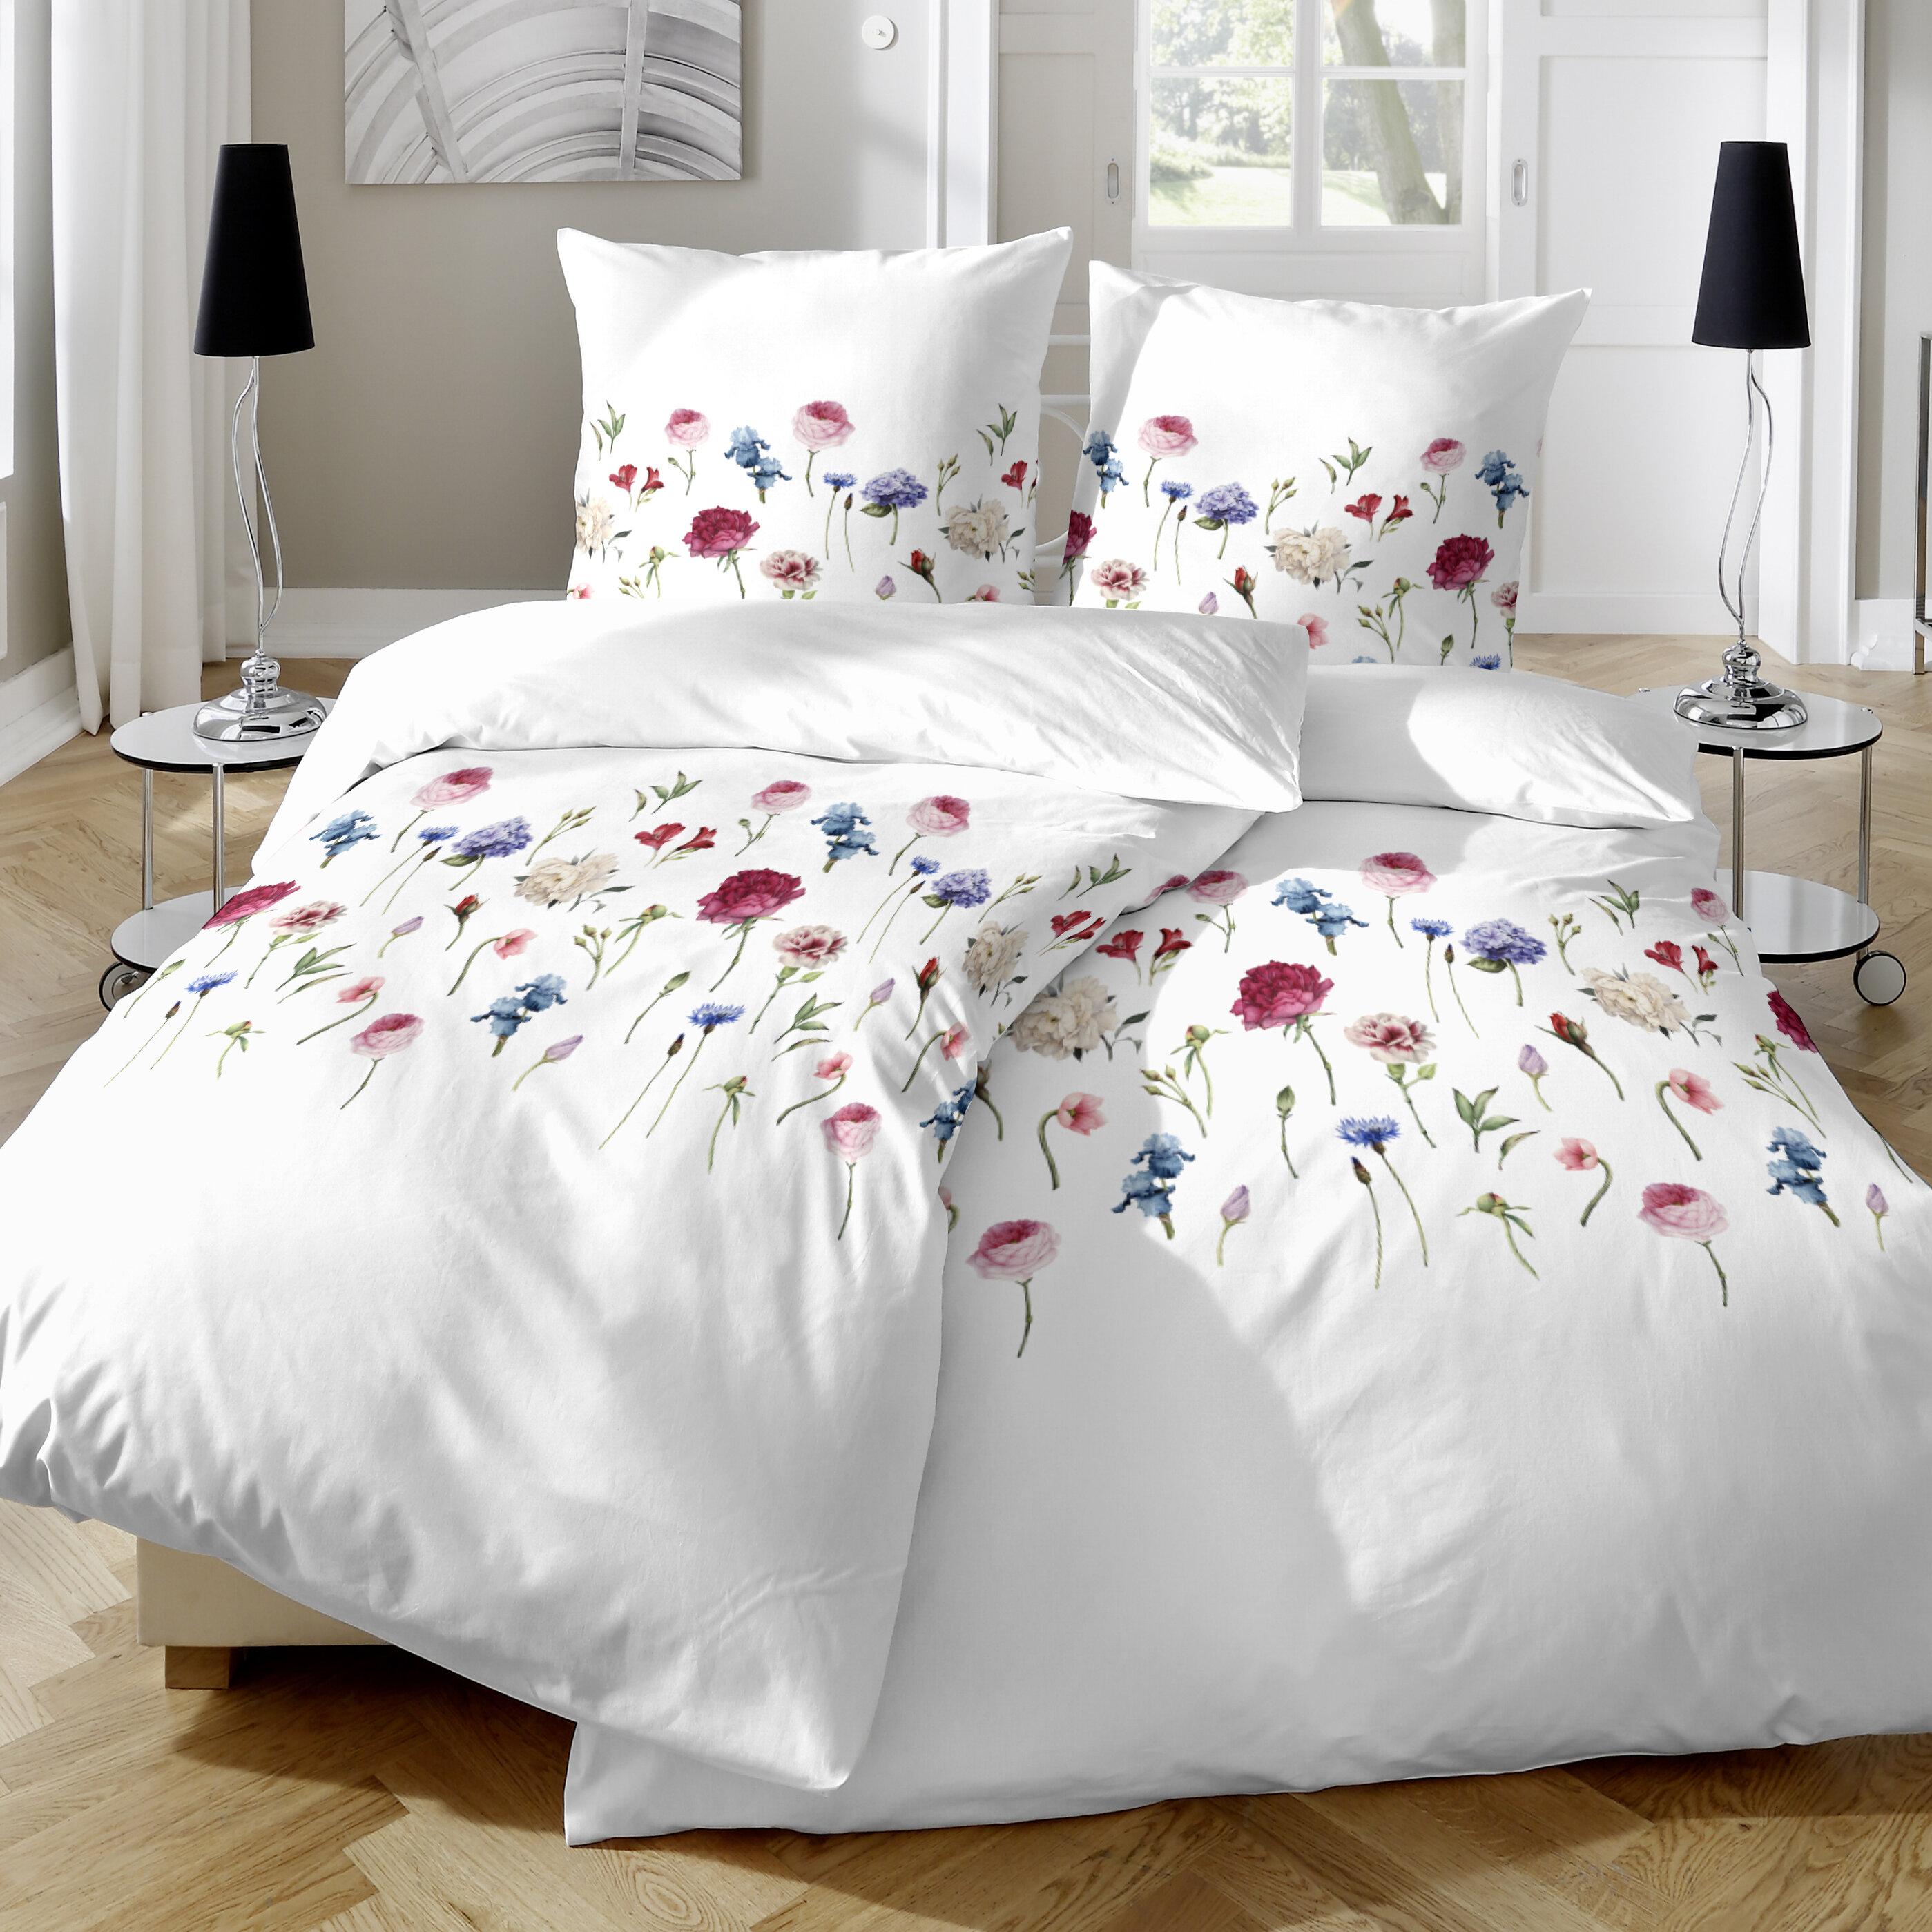 was ist renforc bettw sche die besten lattenroste design tapeten schlafzimmer dunkelblaue. Black Bedroom Furniture Sets. Home Design Ideas